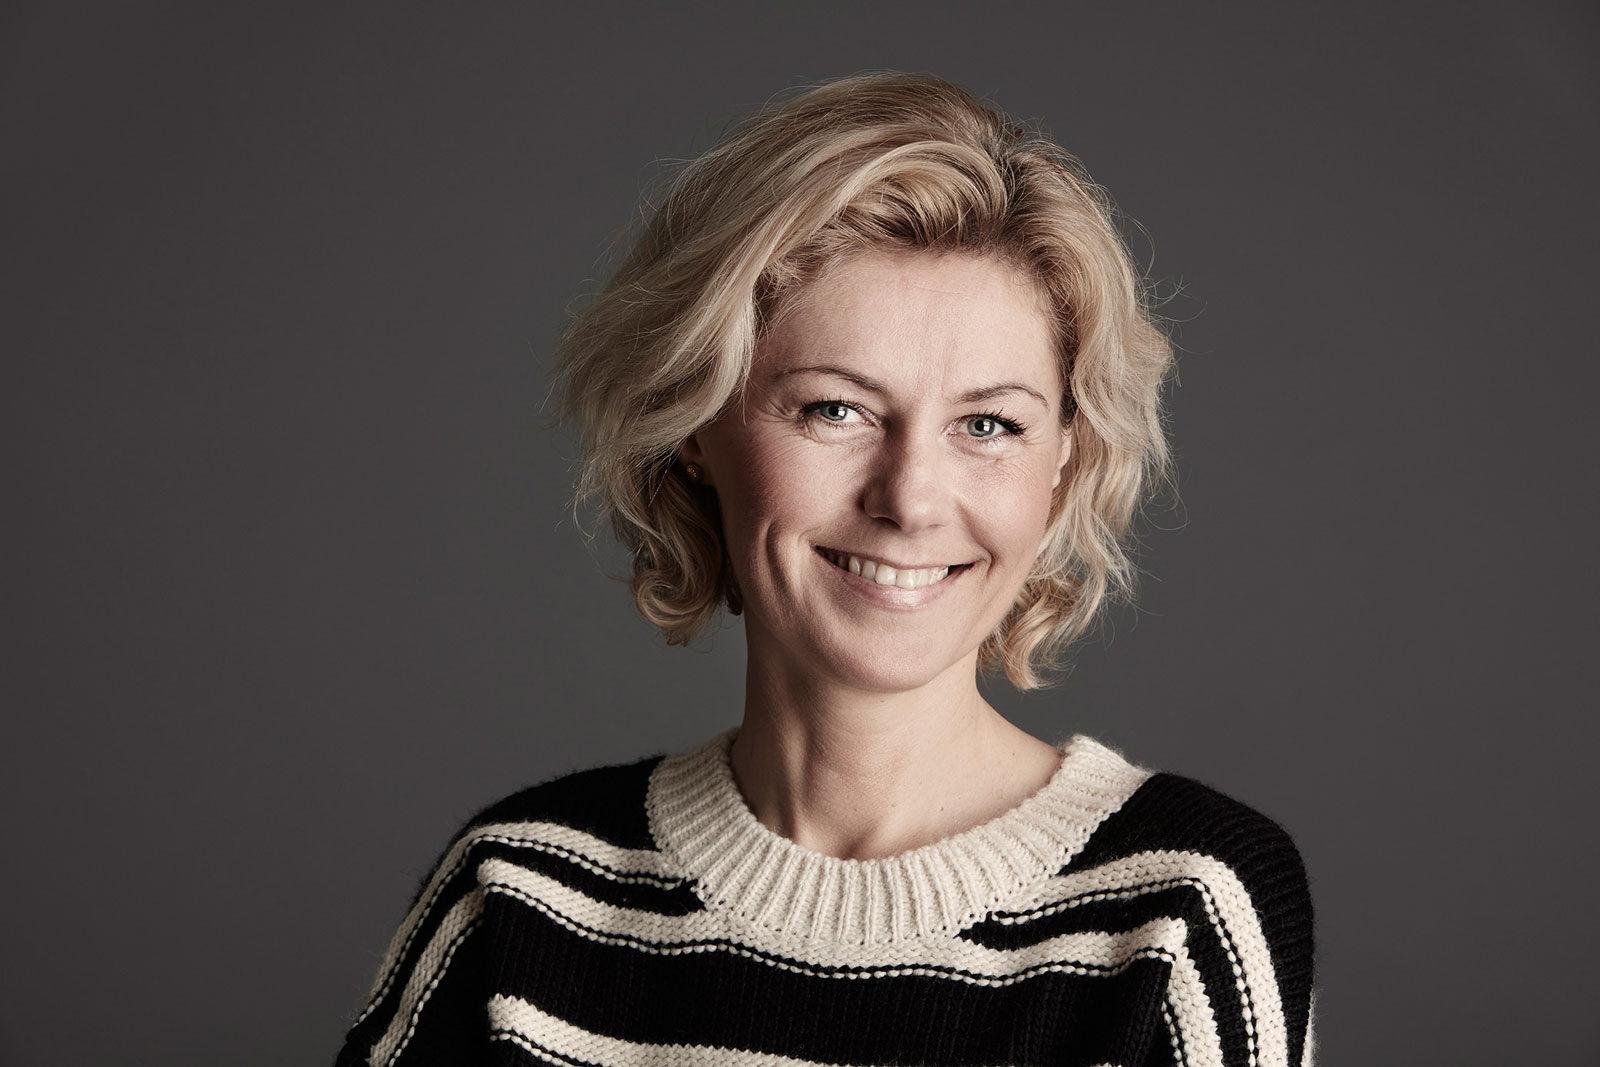 Psykologhjælp hos Florence Noer og andre psykologer i København